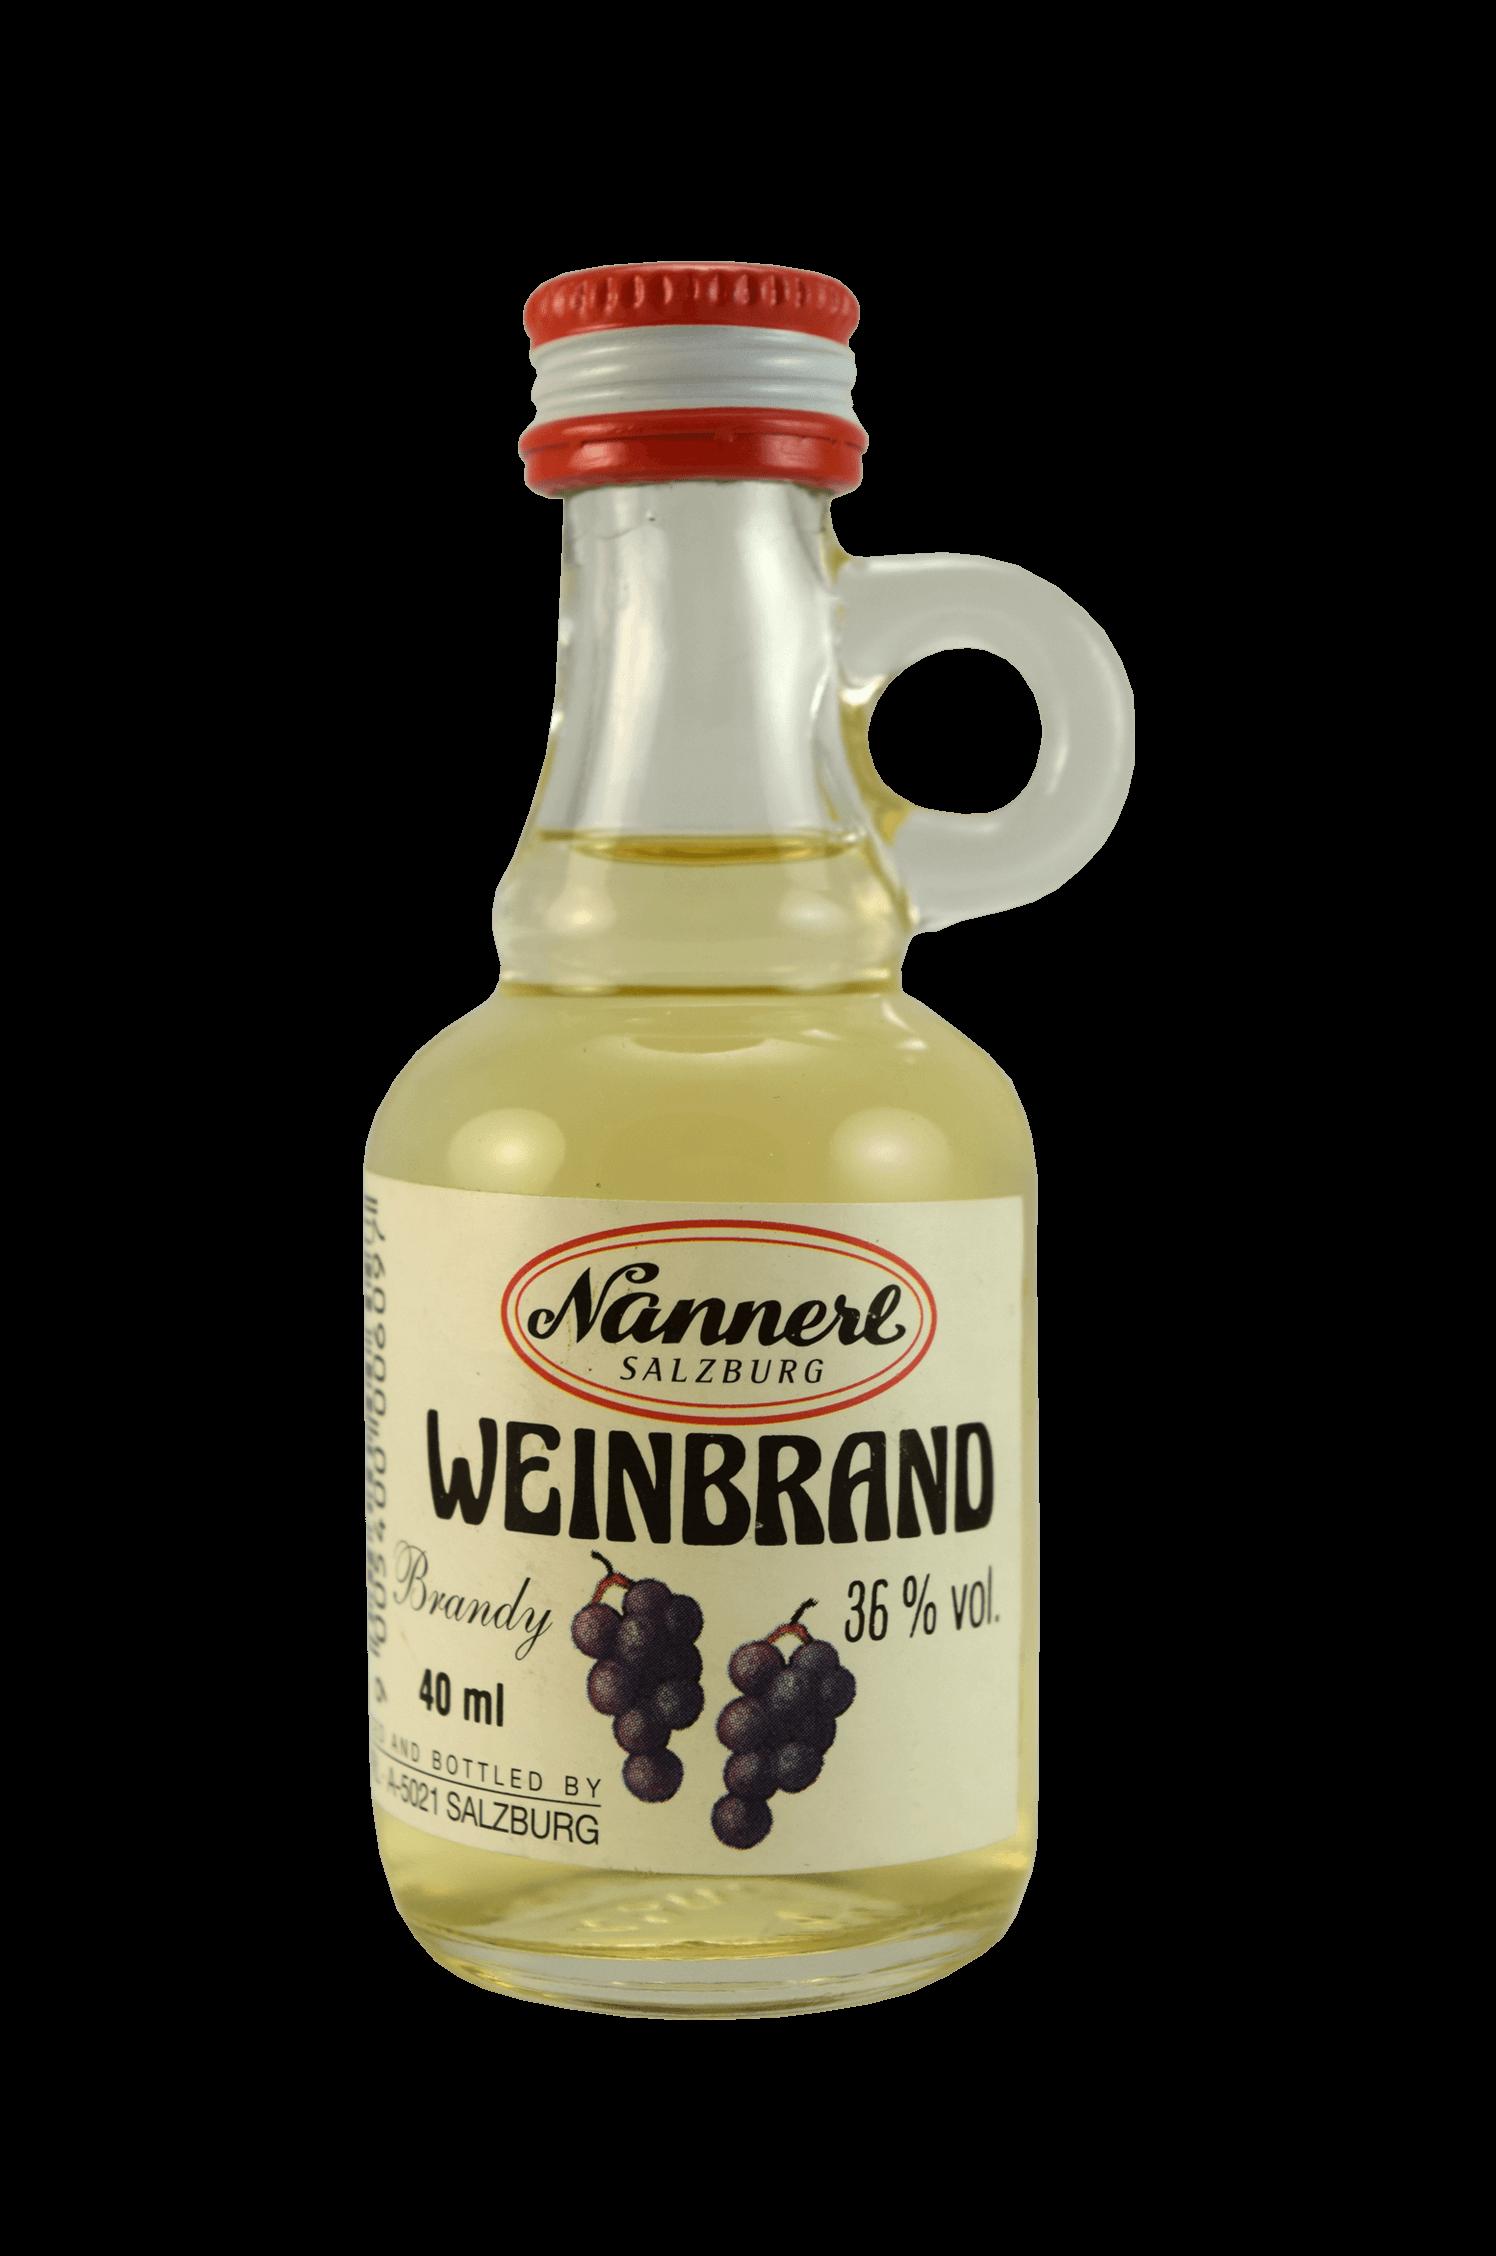 Nannerl Weinbrand